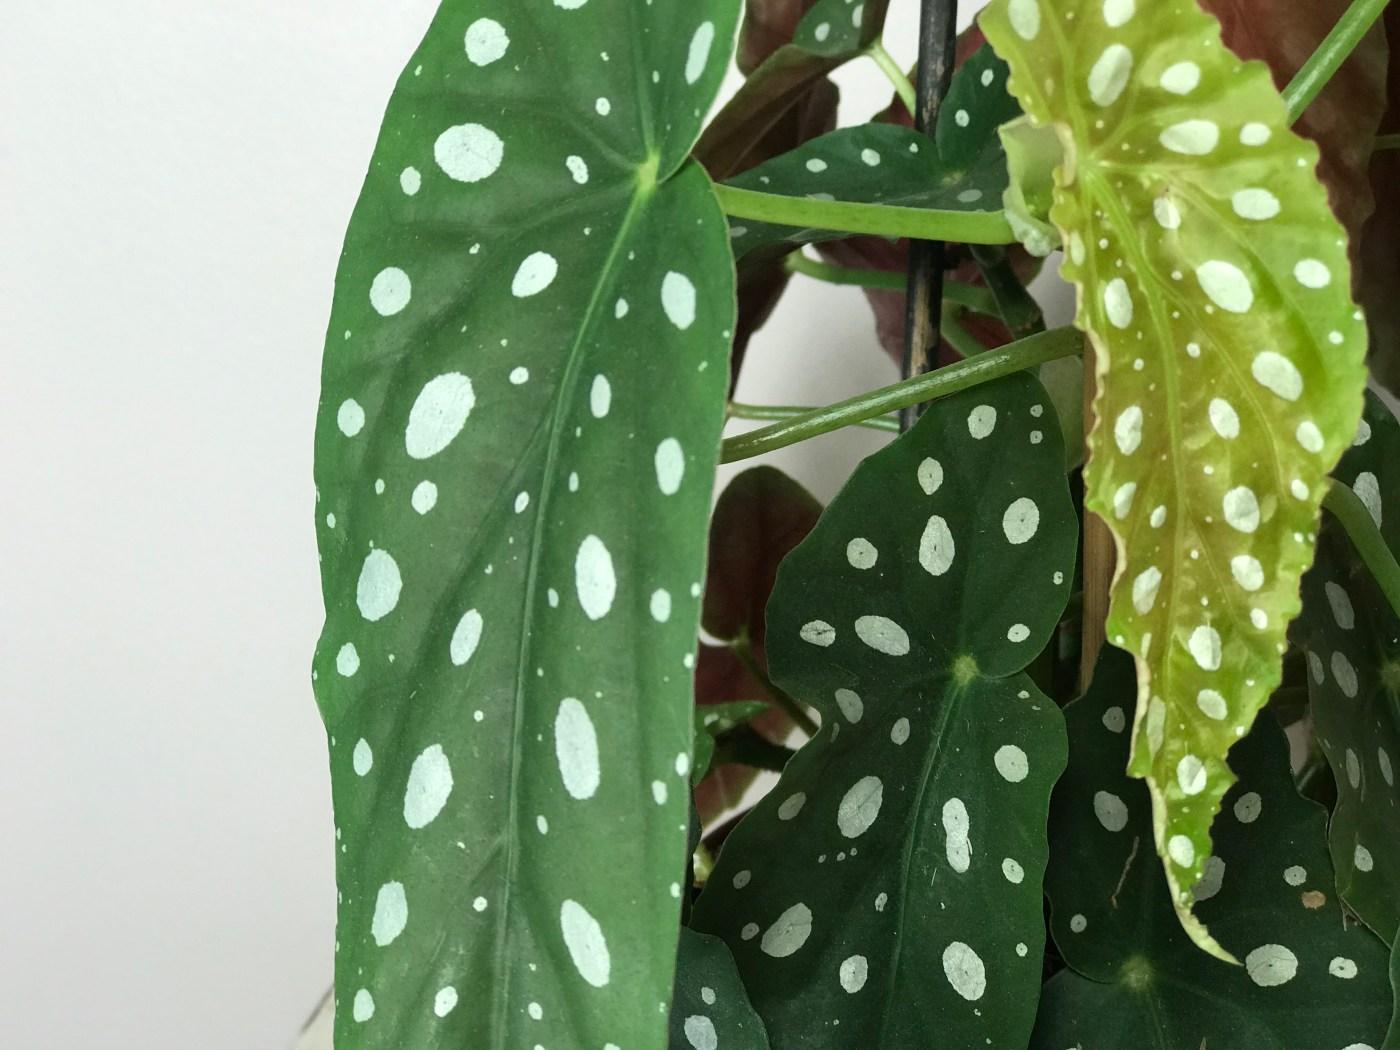 Comment Faire Pousser Bambou tout savoir sur le bégonia tamaya – maculata – osez planter